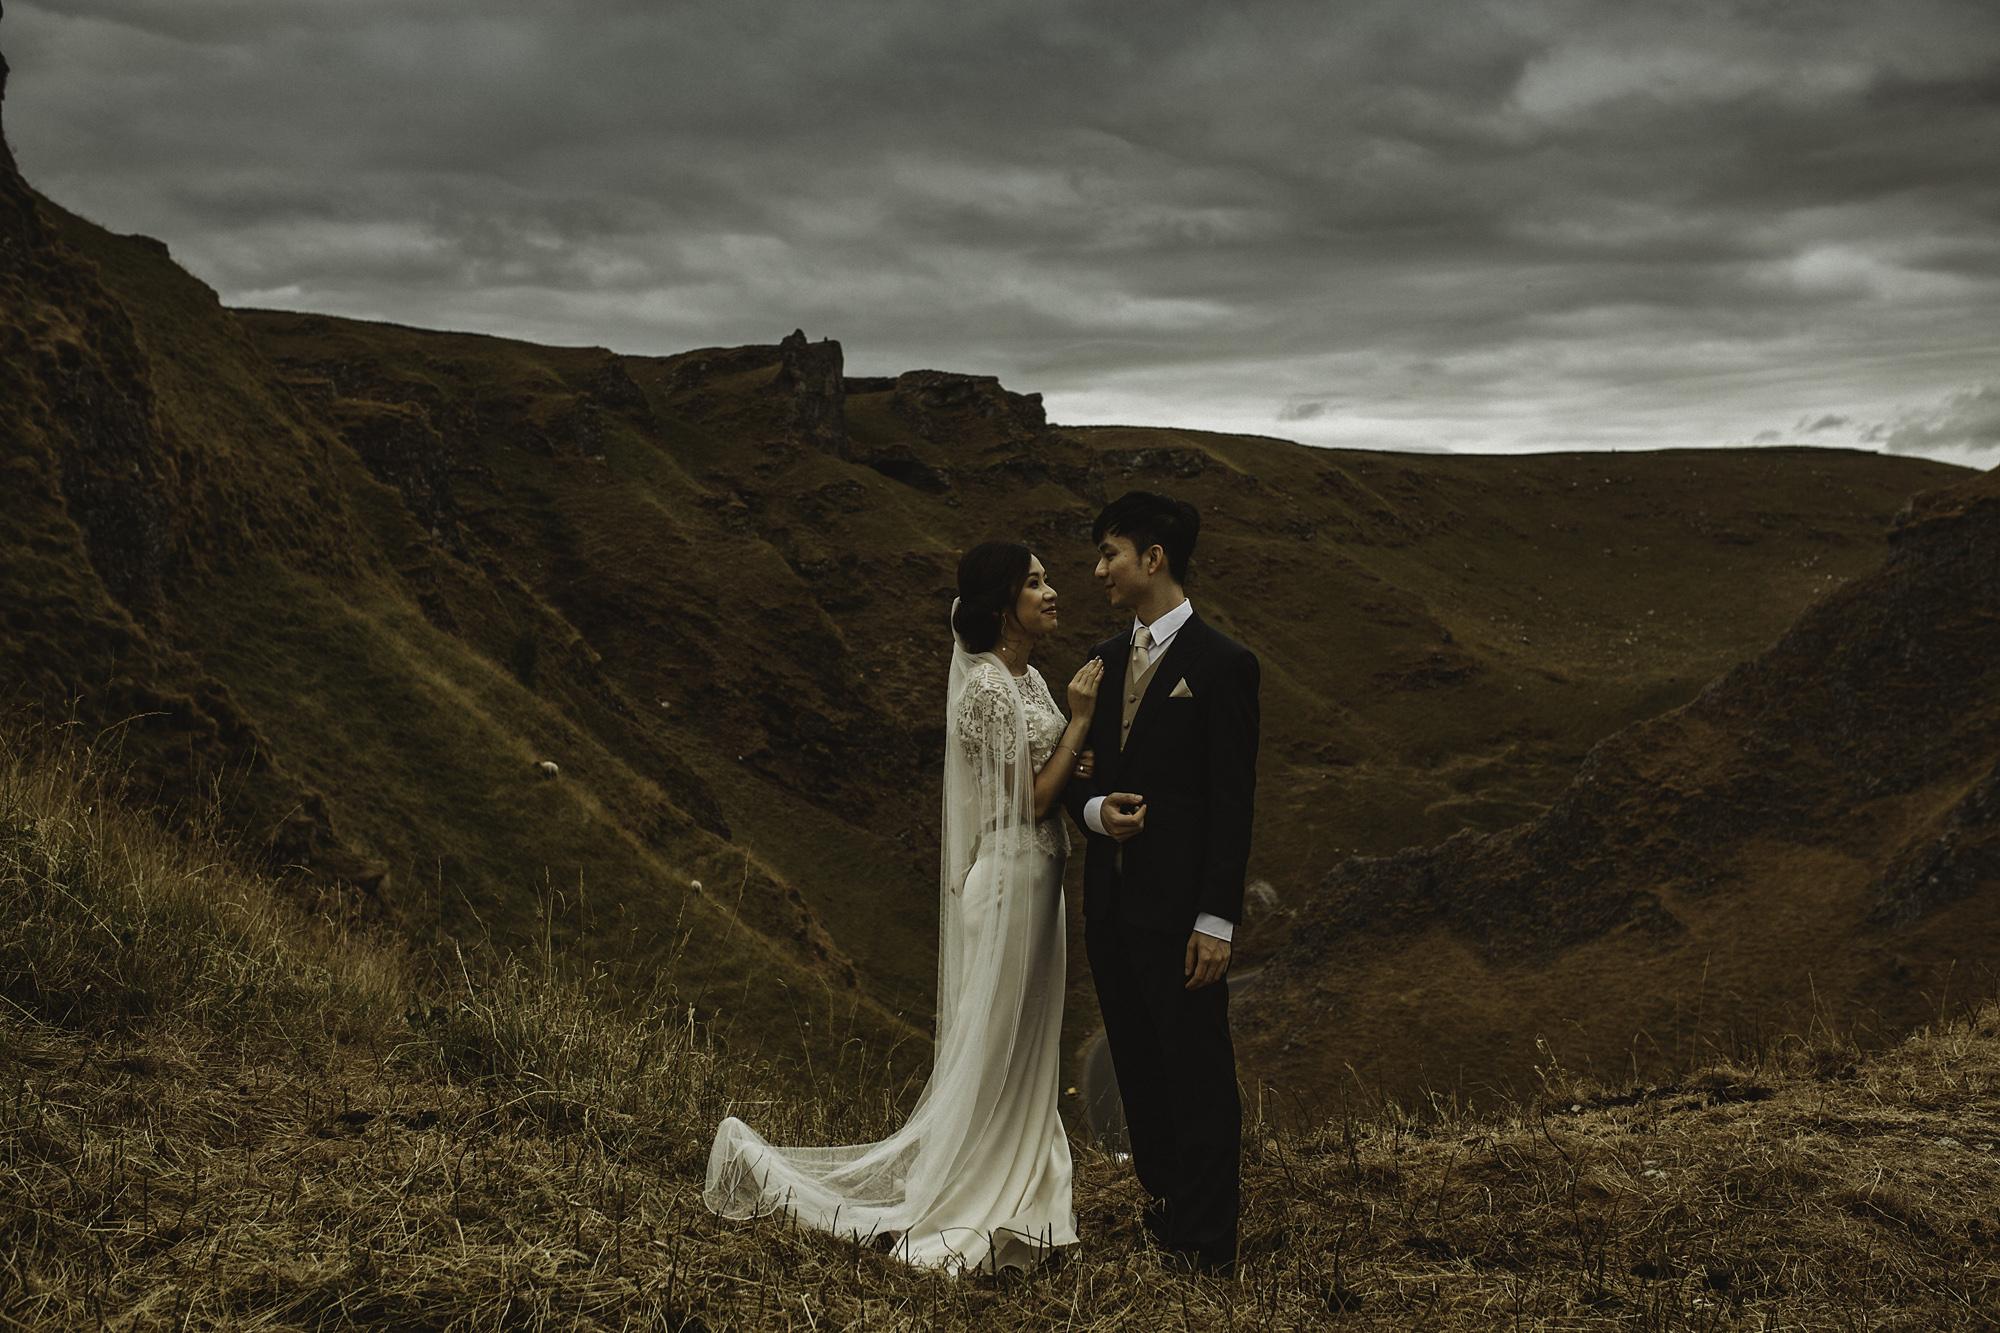 Kate-Beaumont-Wedding-Dress-Bridal-Separates-Peak-District-Shoot-2b.jpg